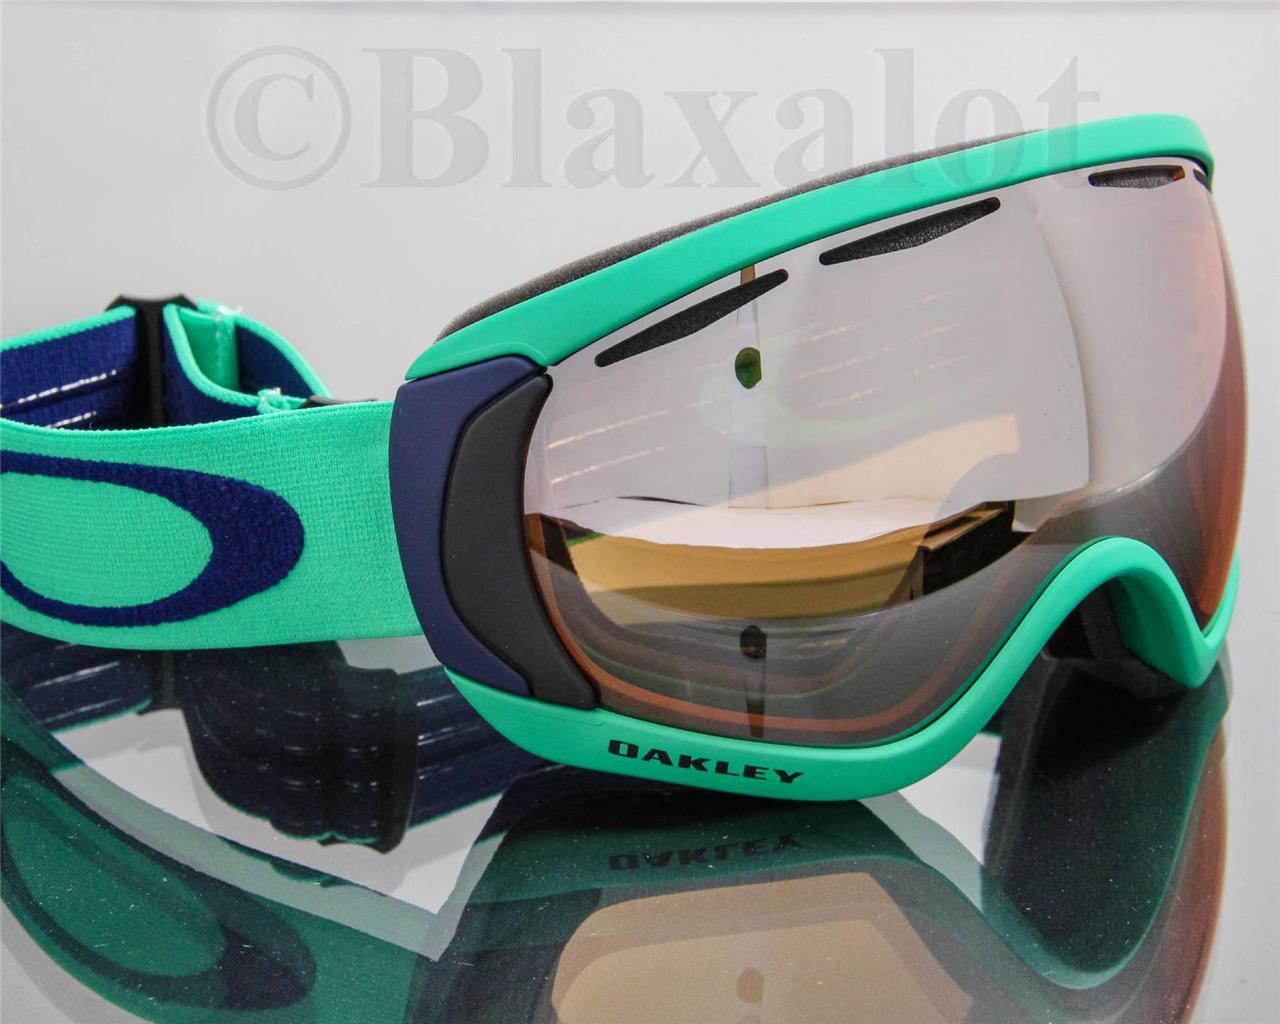 Oakley Otg Goggles